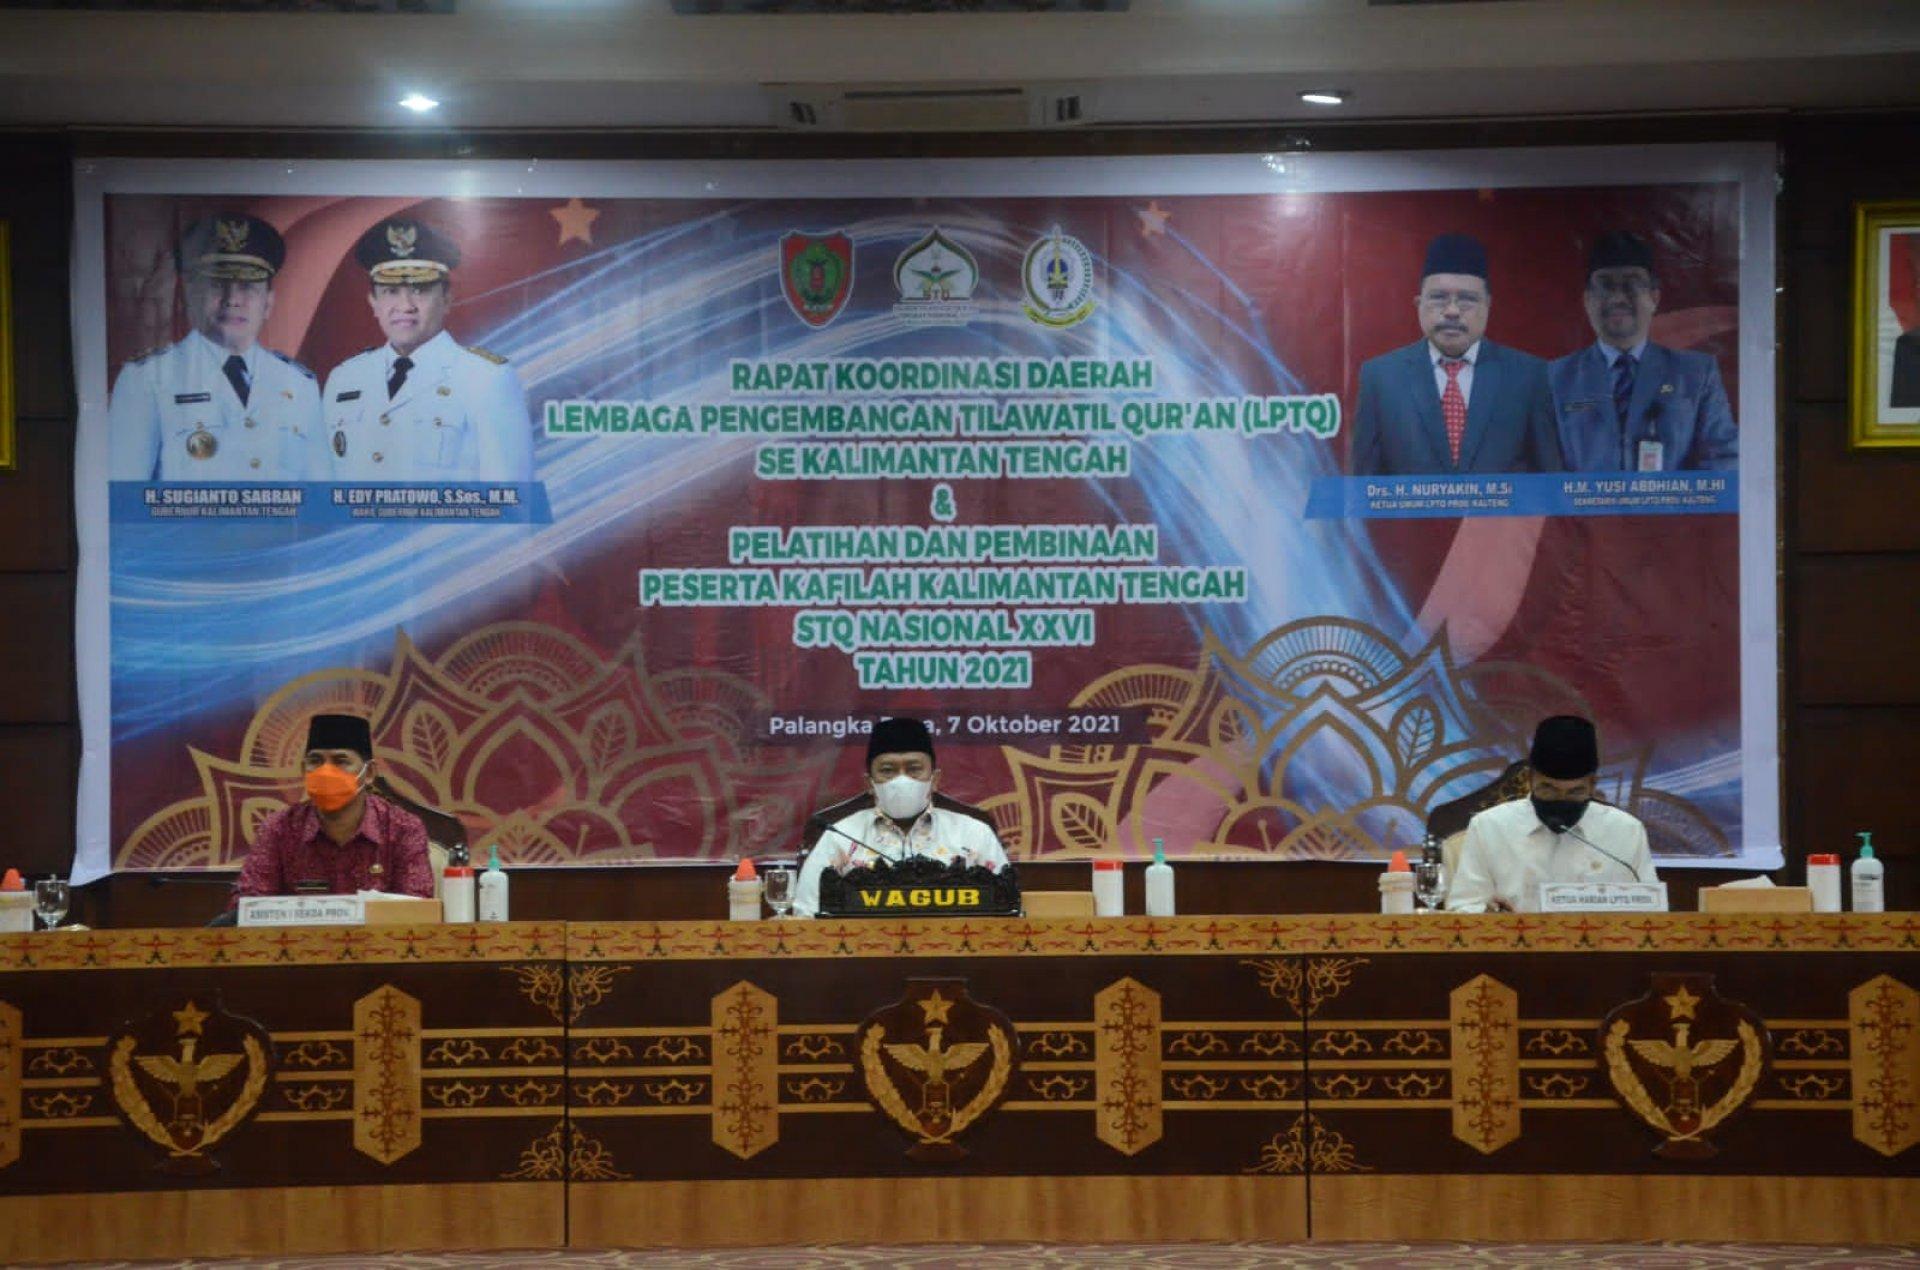 Wagub Hadiri Pembukaan Rakorda LPTQ dan Pelatihan Peserta Kafilah STQ XXVI Tahun 2021